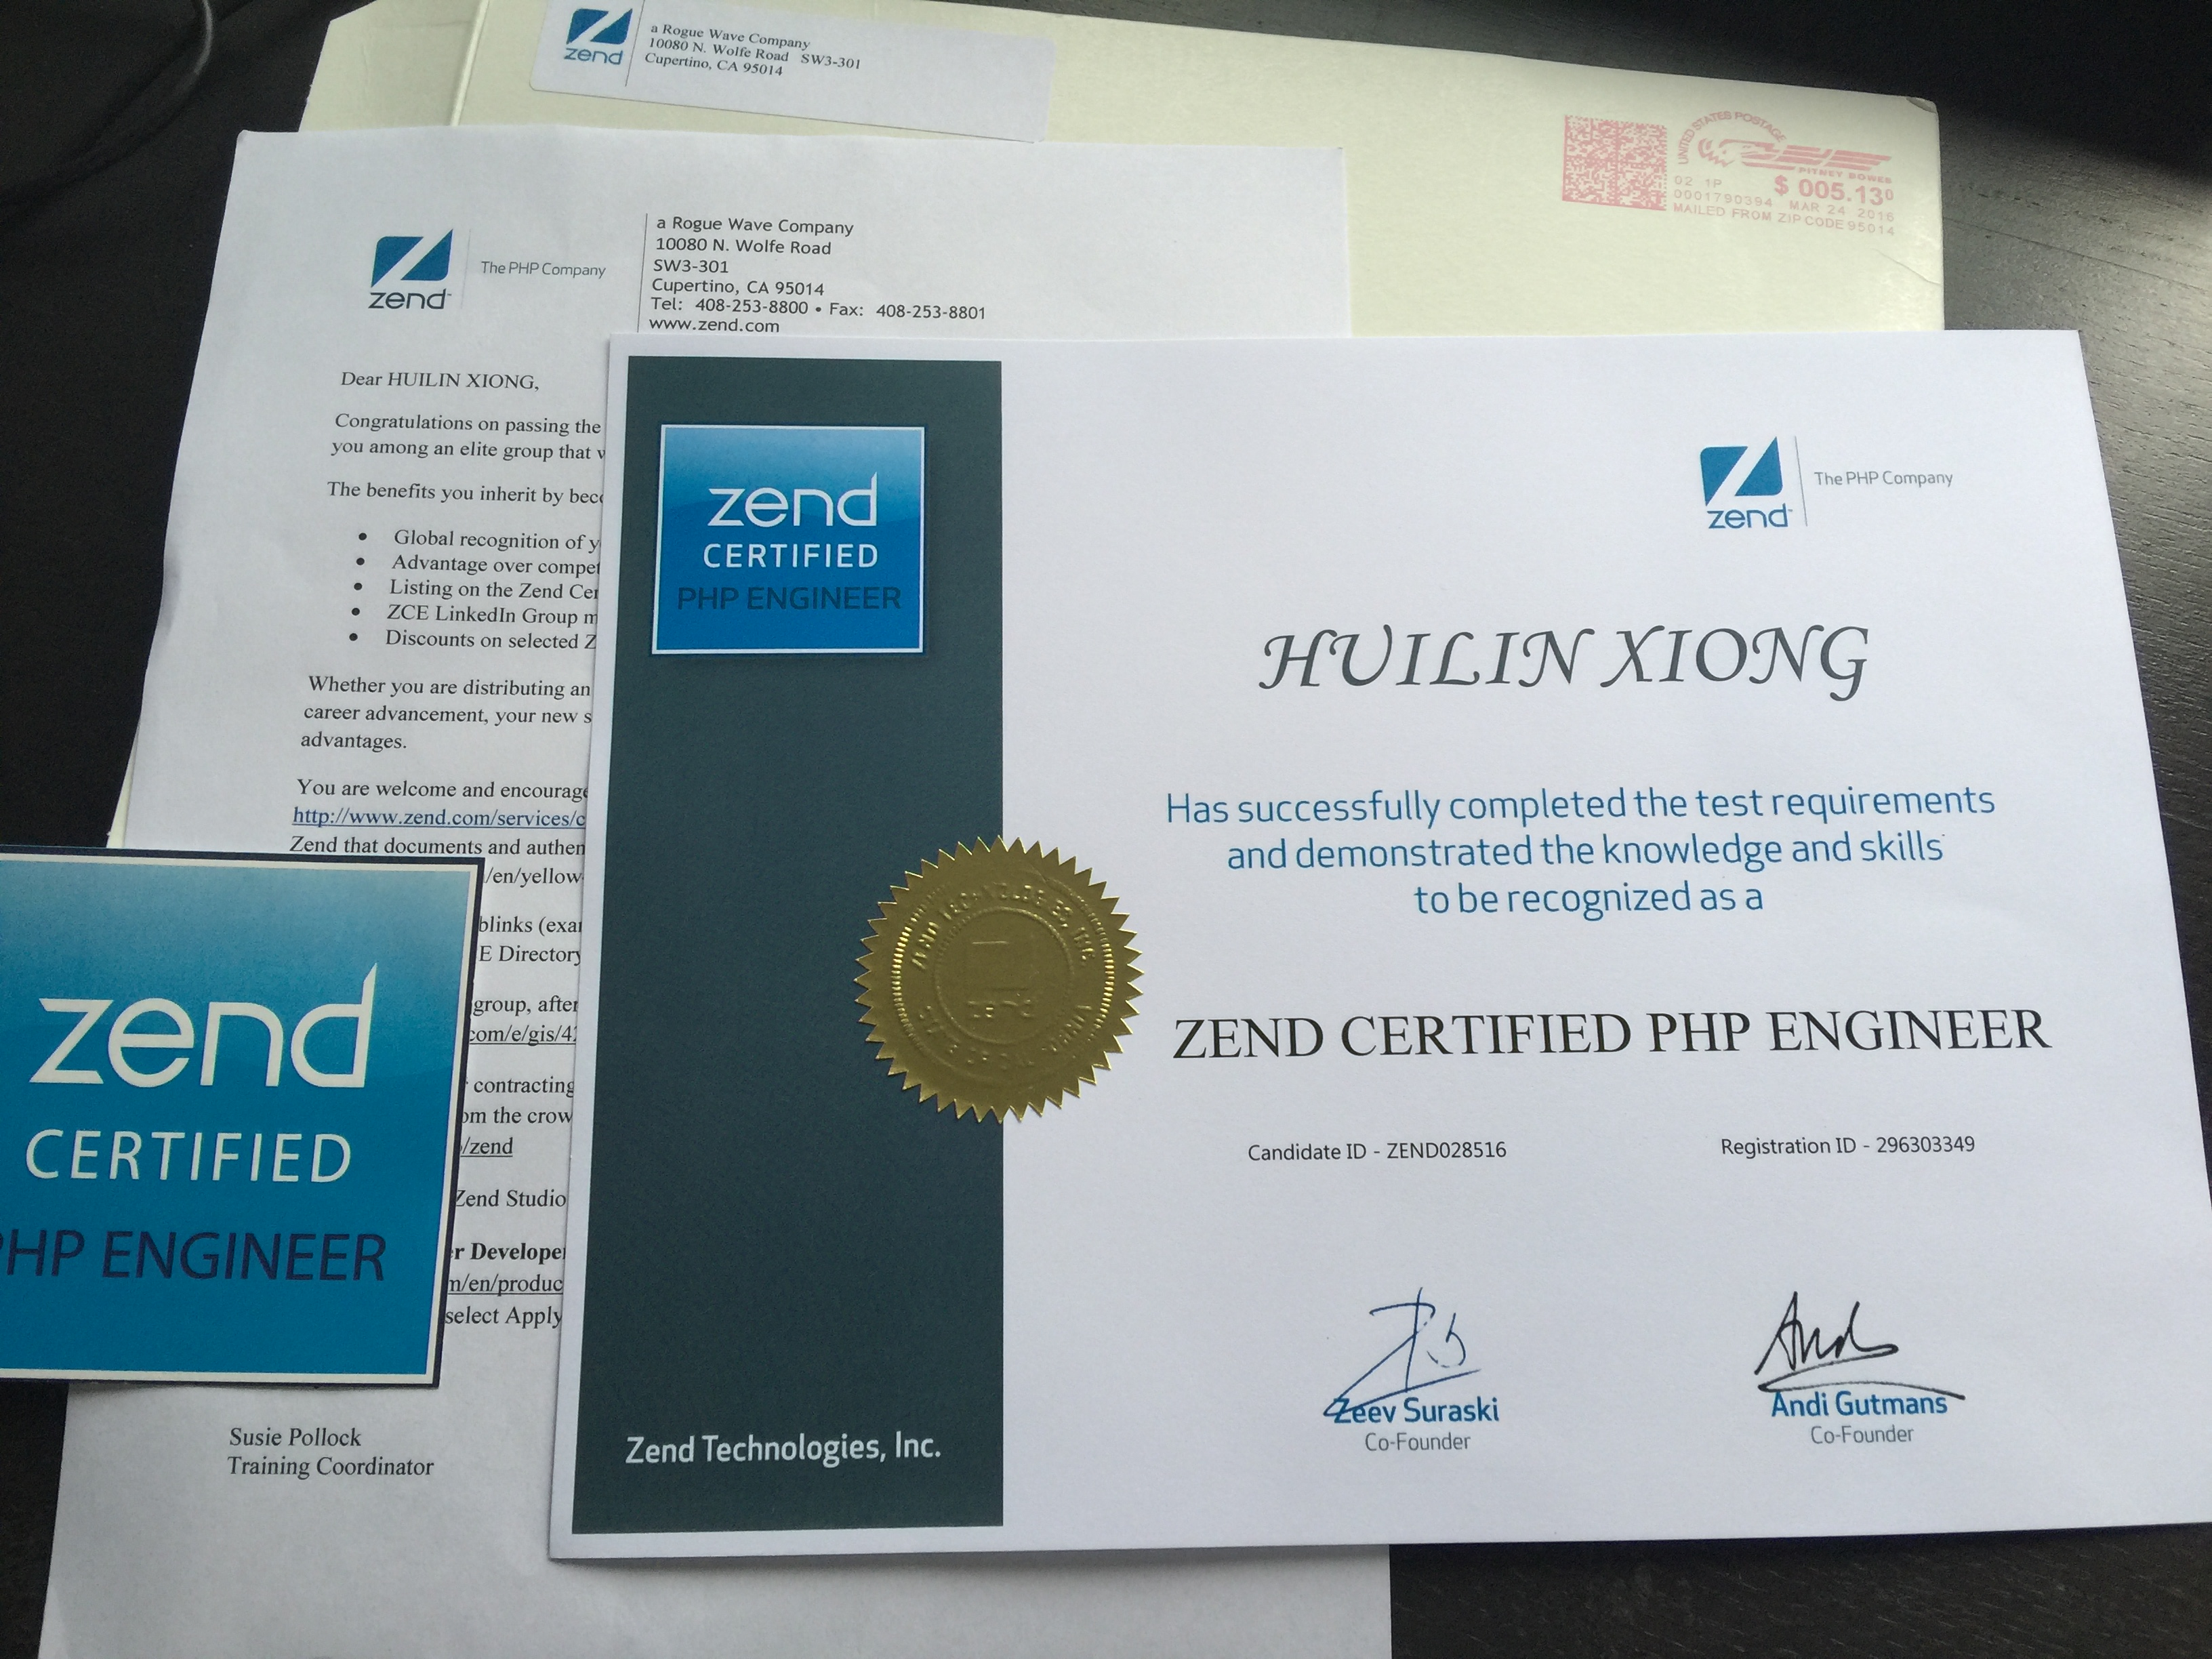 certificate engineer zend certified received zce